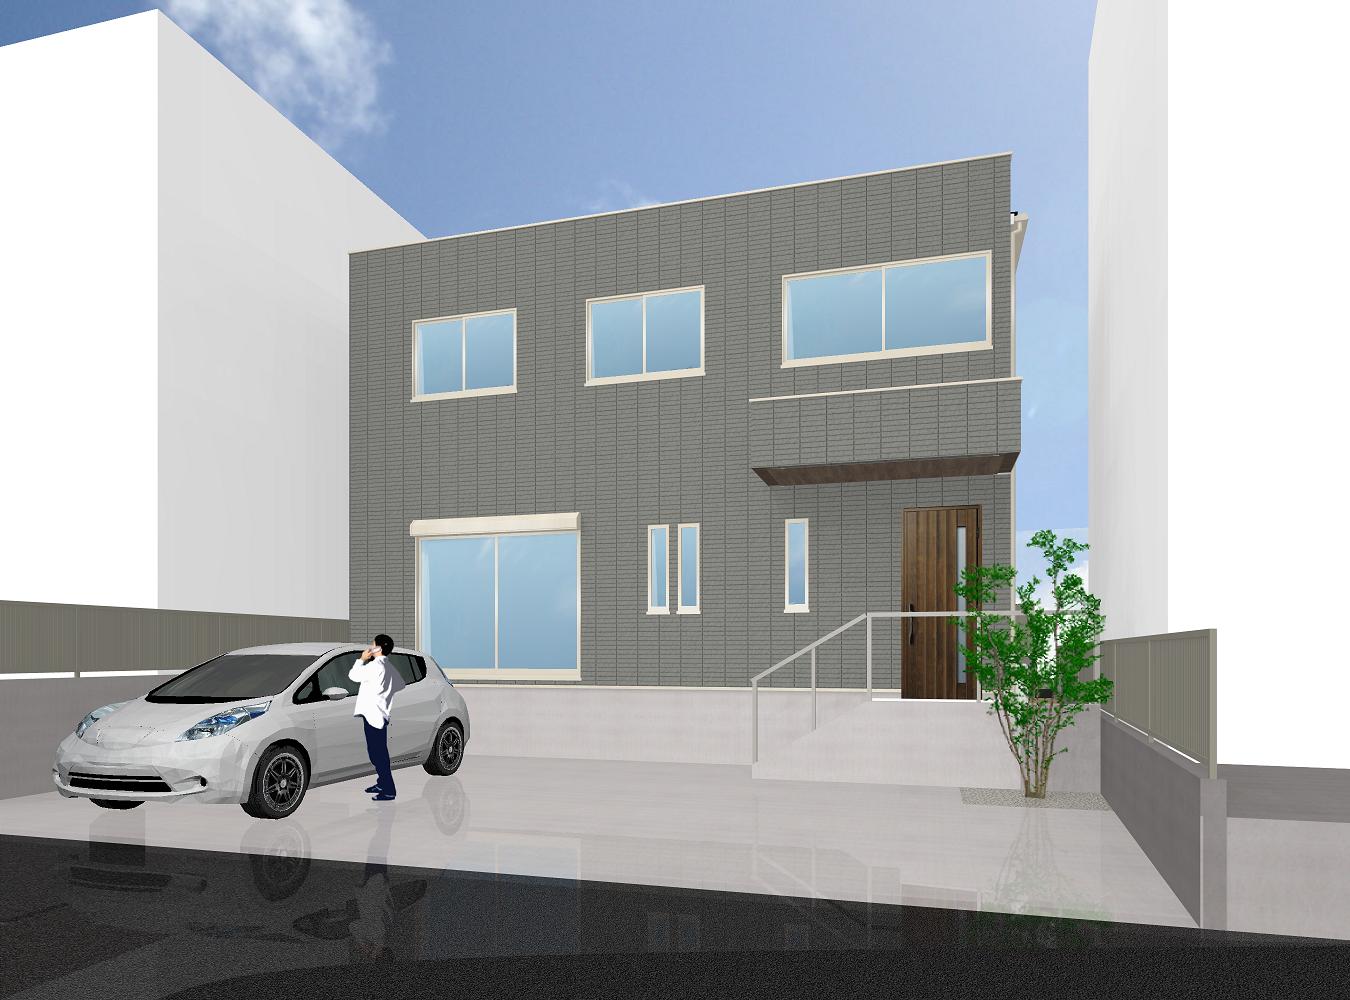 インナーバルコニーで快適家事空間の木造2階建て住宅